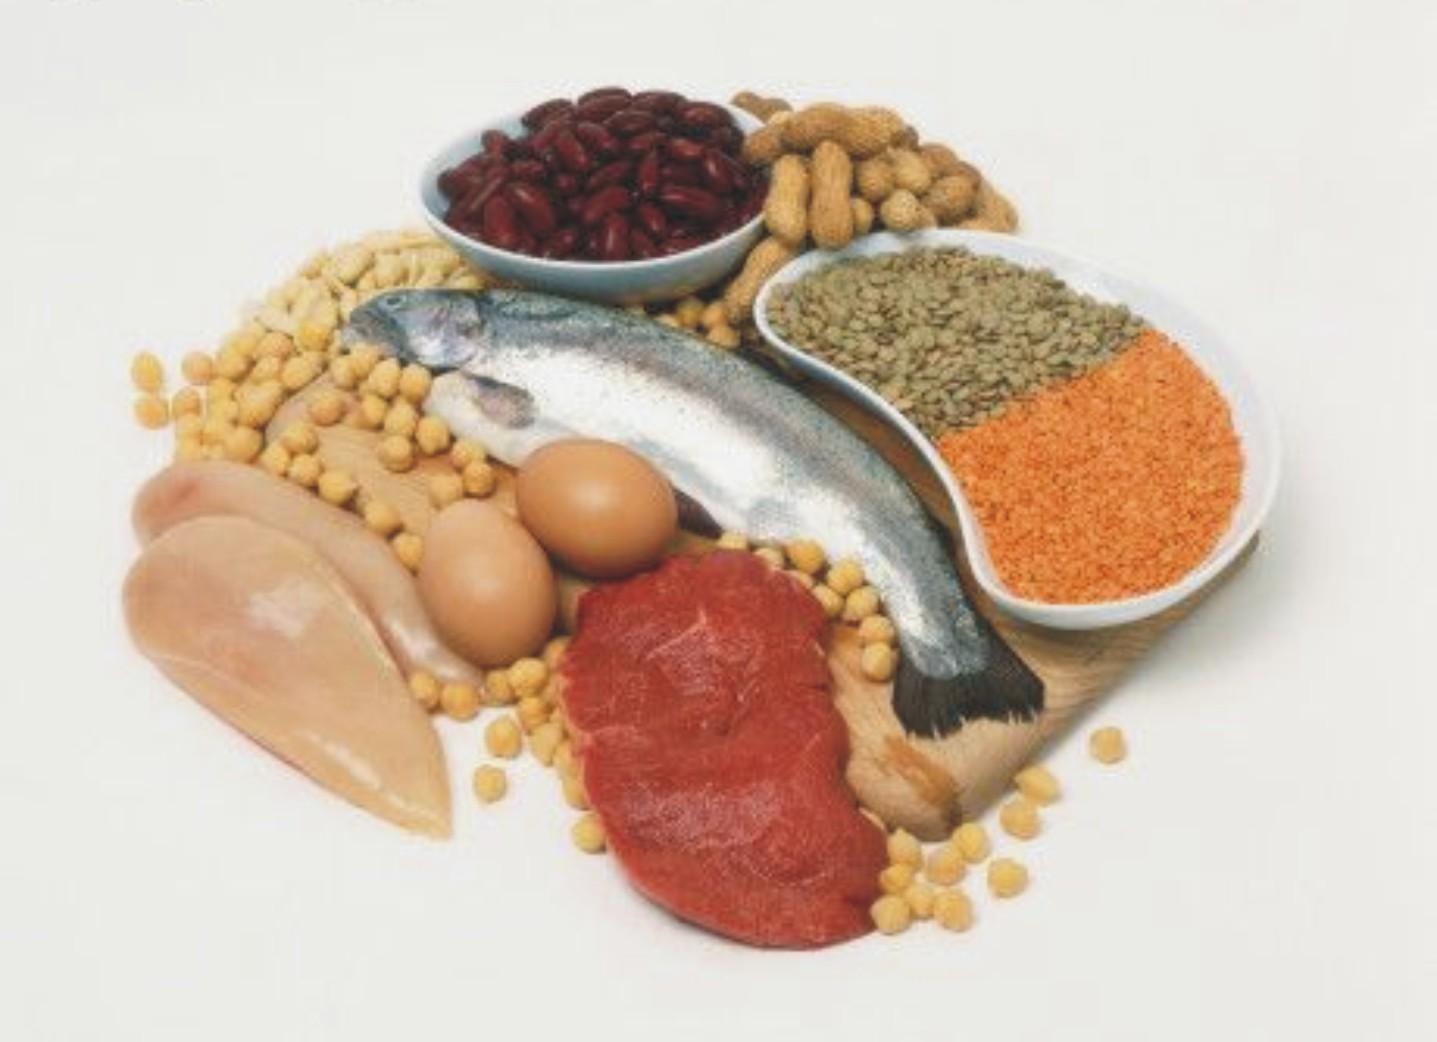 правильное питание как похудеть без вреда организму